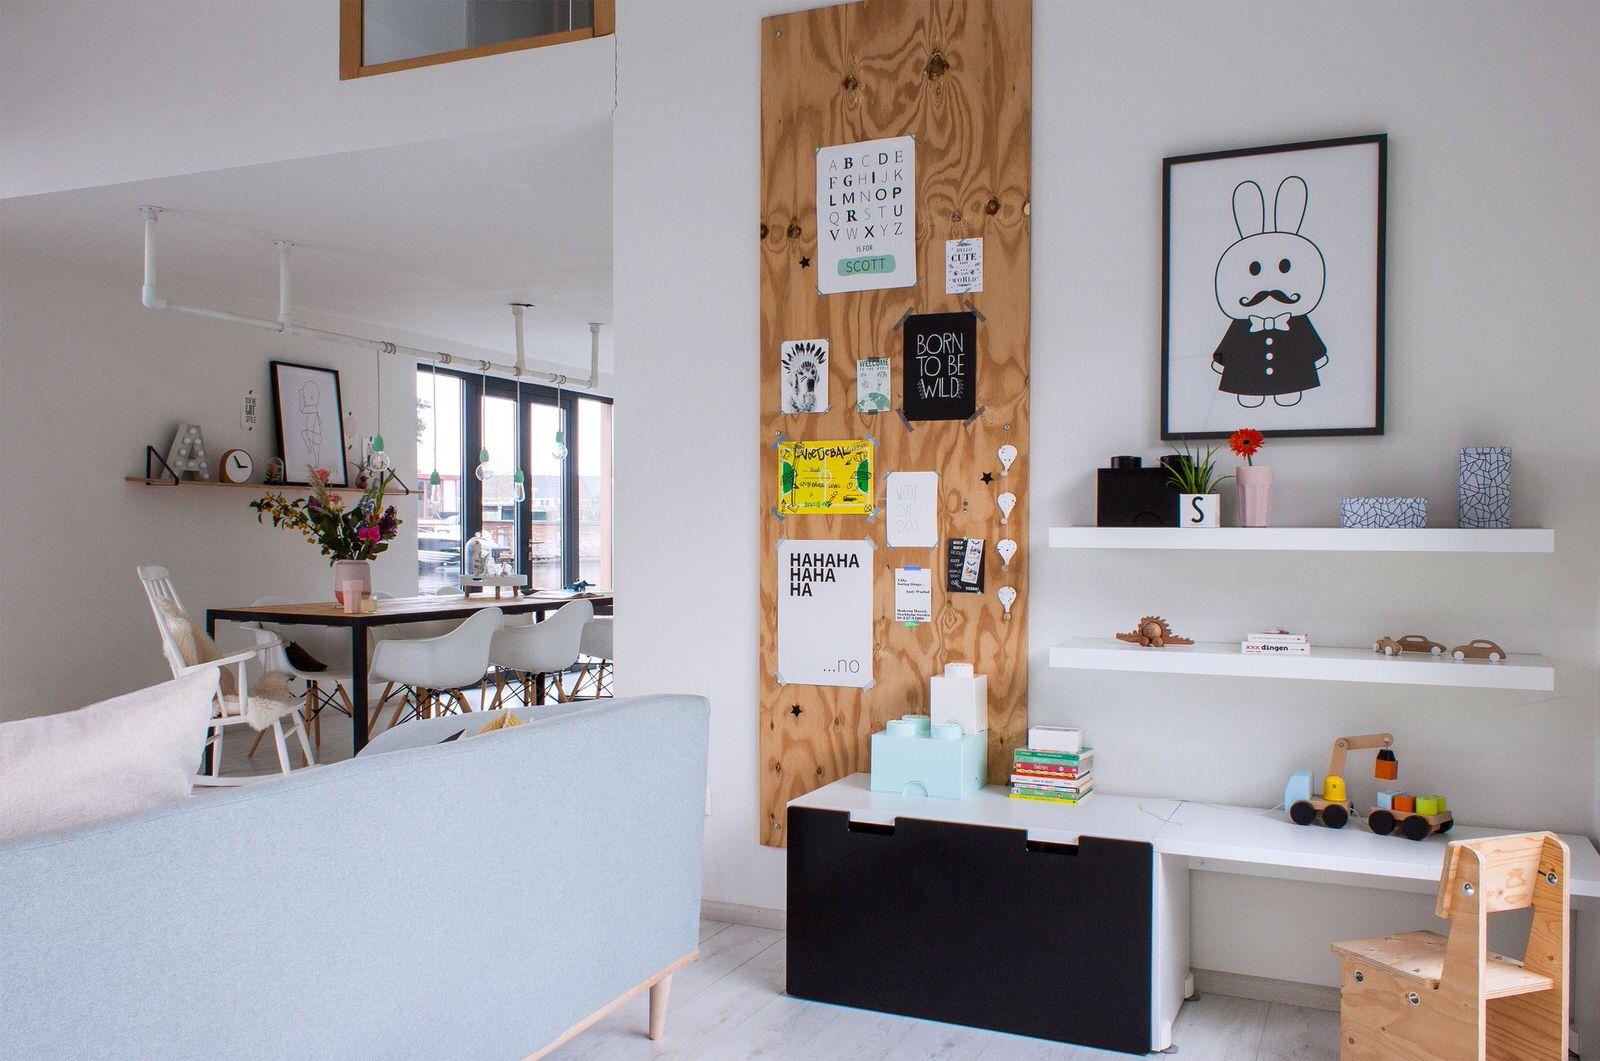 Styling Tips Woonkamer : Styling tips de woonkamer een waar speelparadijs ploemen